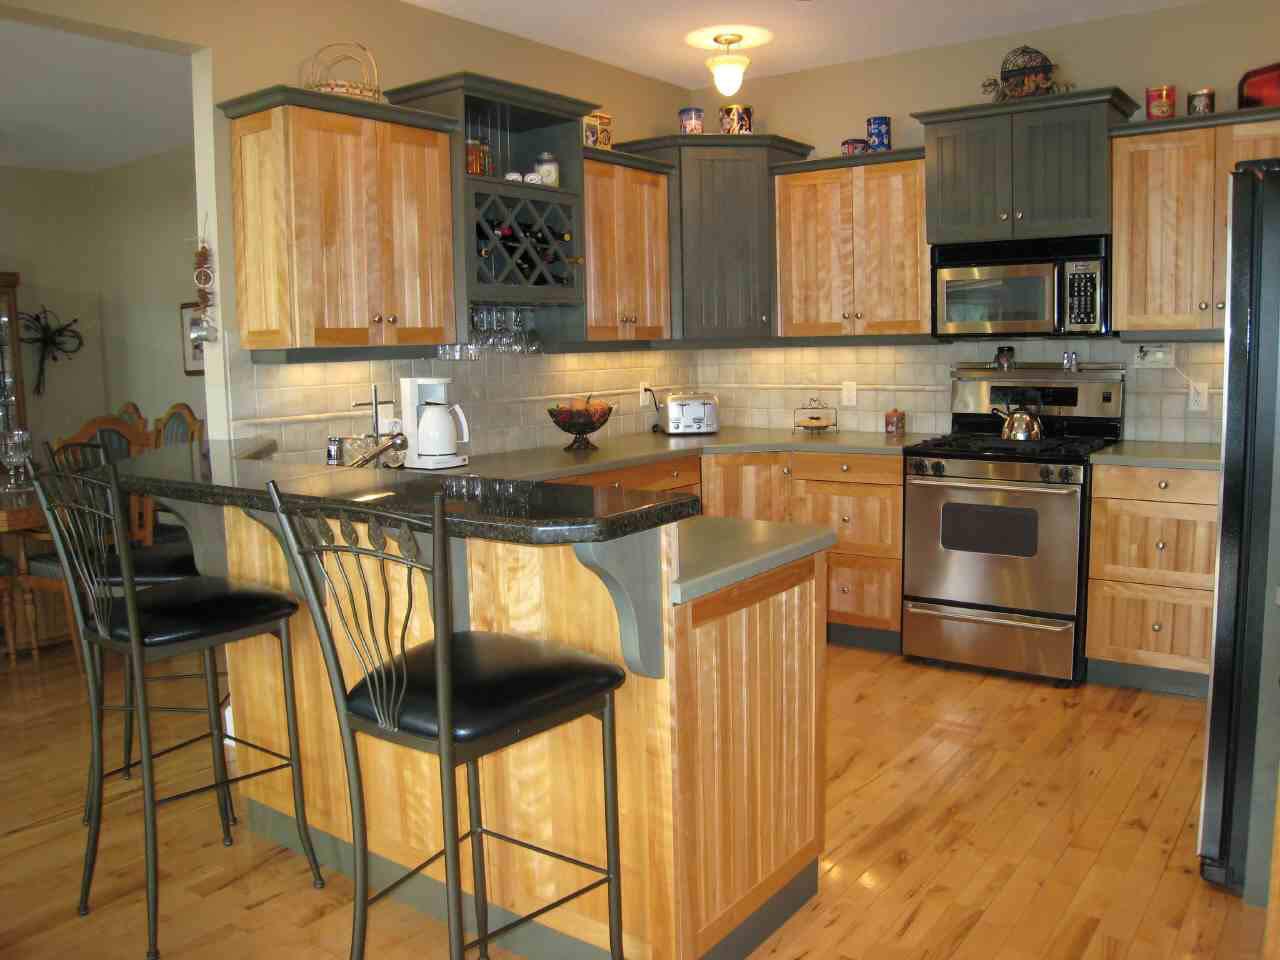 Metal kitchen decor photo - 1